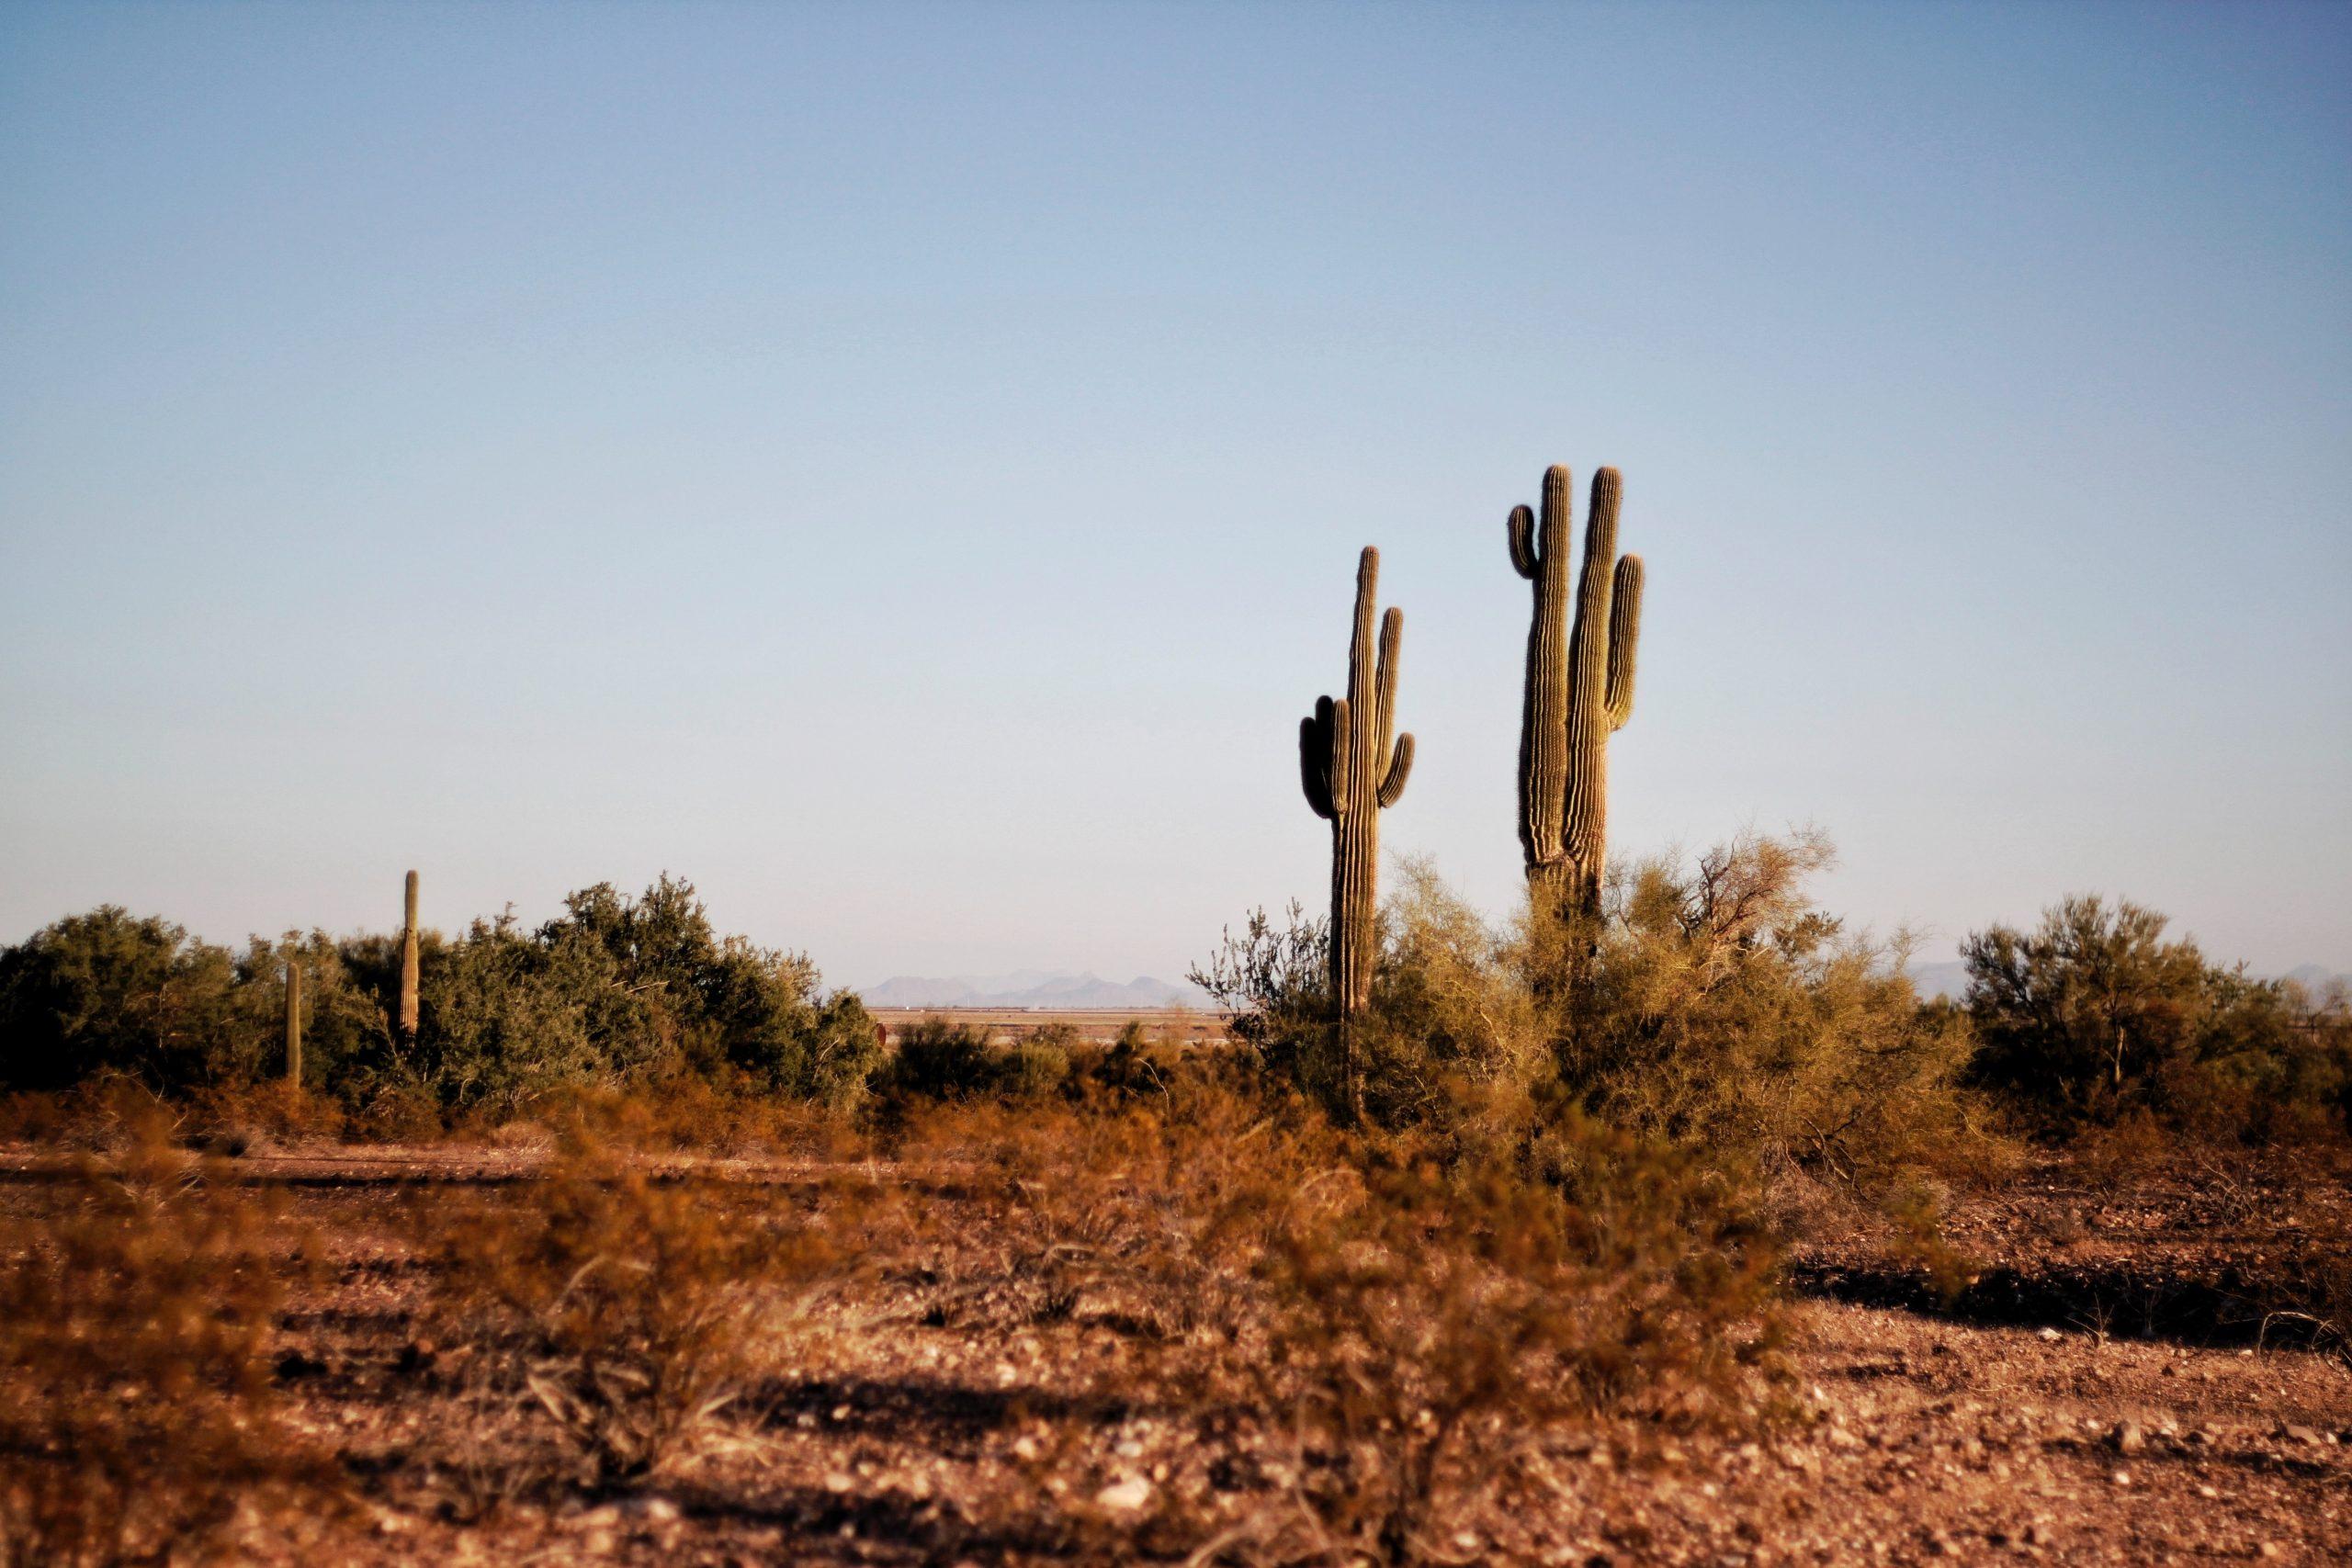 أريزونا موطن الطبيعة الصارخة والصحارى الشاسعة | دليلك السياحي